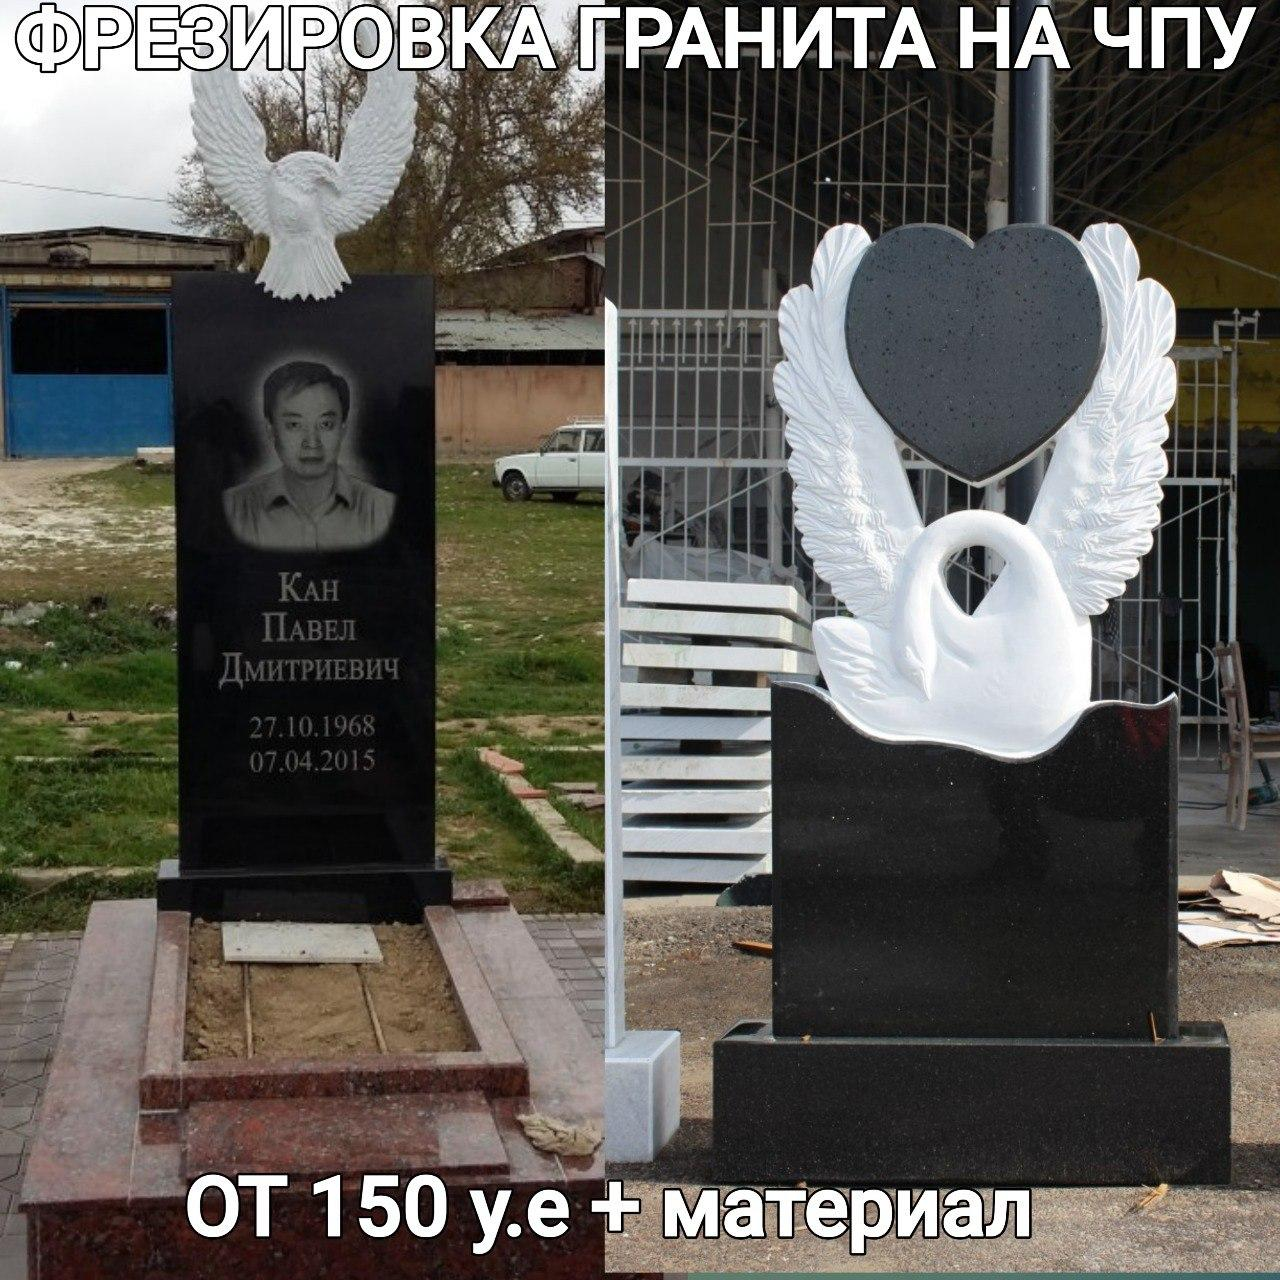 photo_2020-03-25_21-22-04